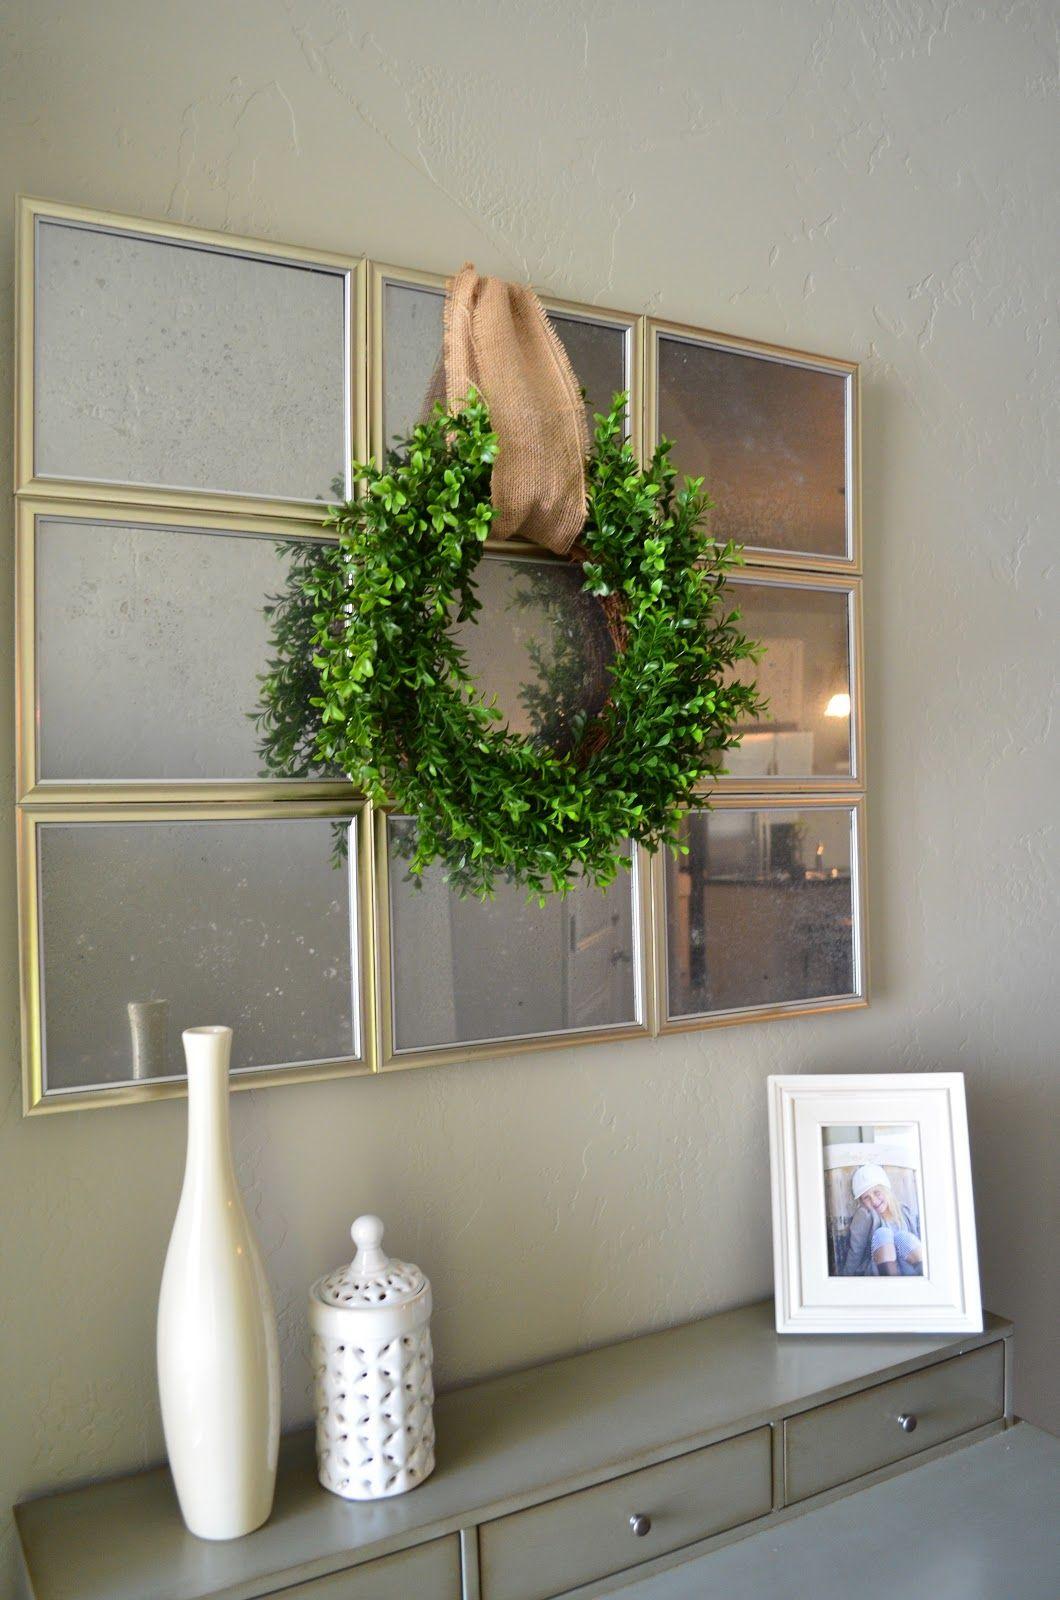 Diy mirror Dollar store decor, Dollar tree decor, Dollar